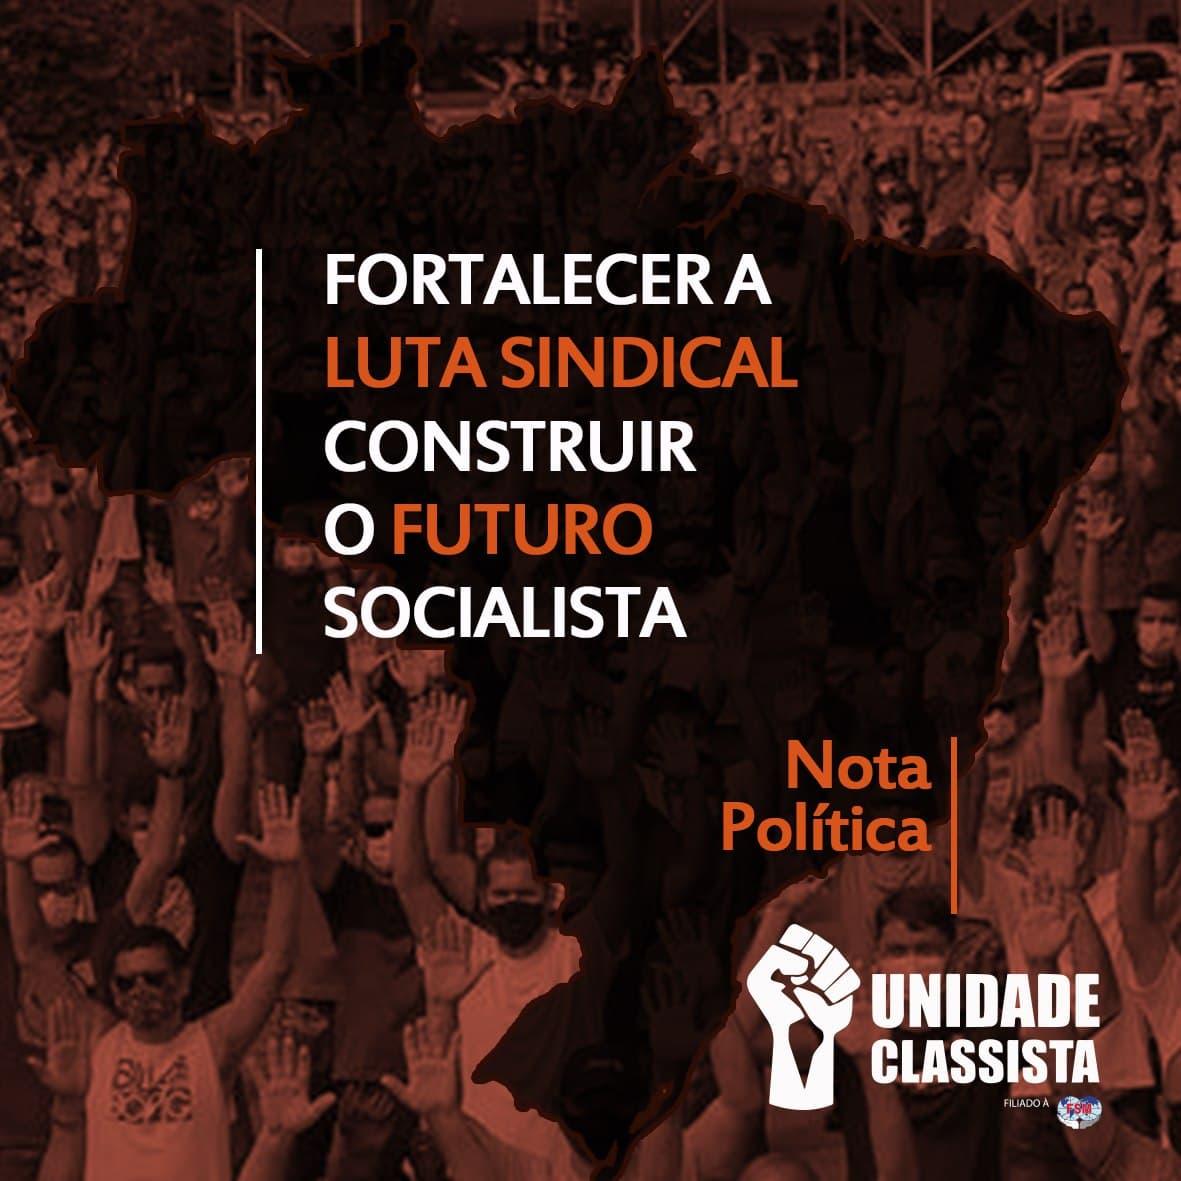 FORTALECER A LUTA SINDICAL E CONSTRUIR O FUTURO SOCIALISTA!